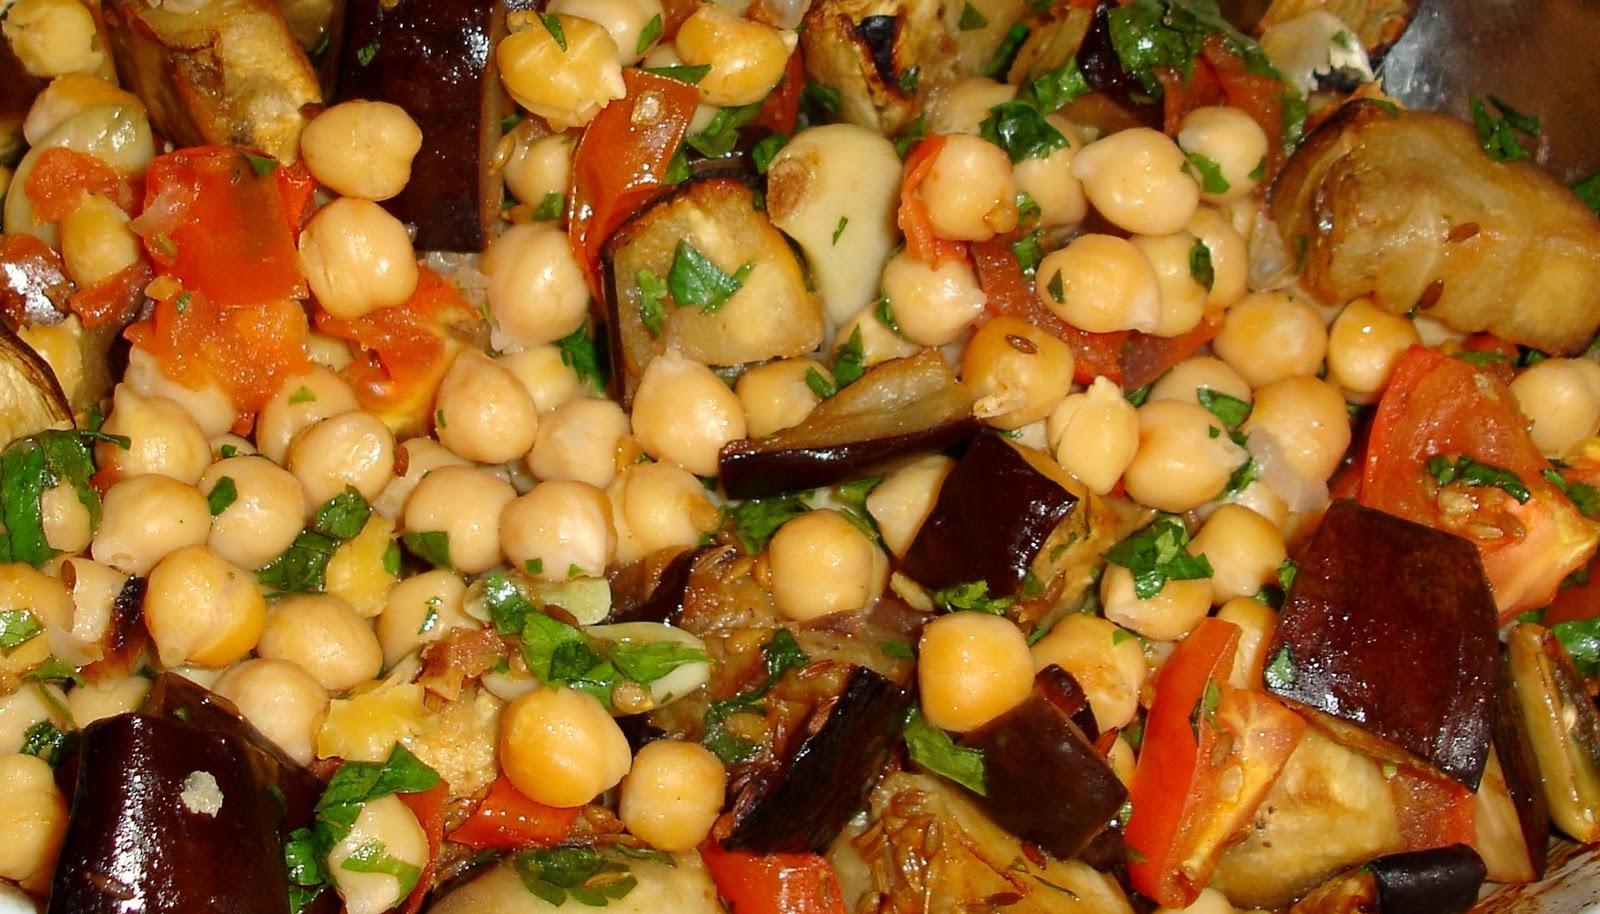 Chilicalamansi ensalada tibia de garbanzos y berenjenas - Cordero estilo marroqui ...